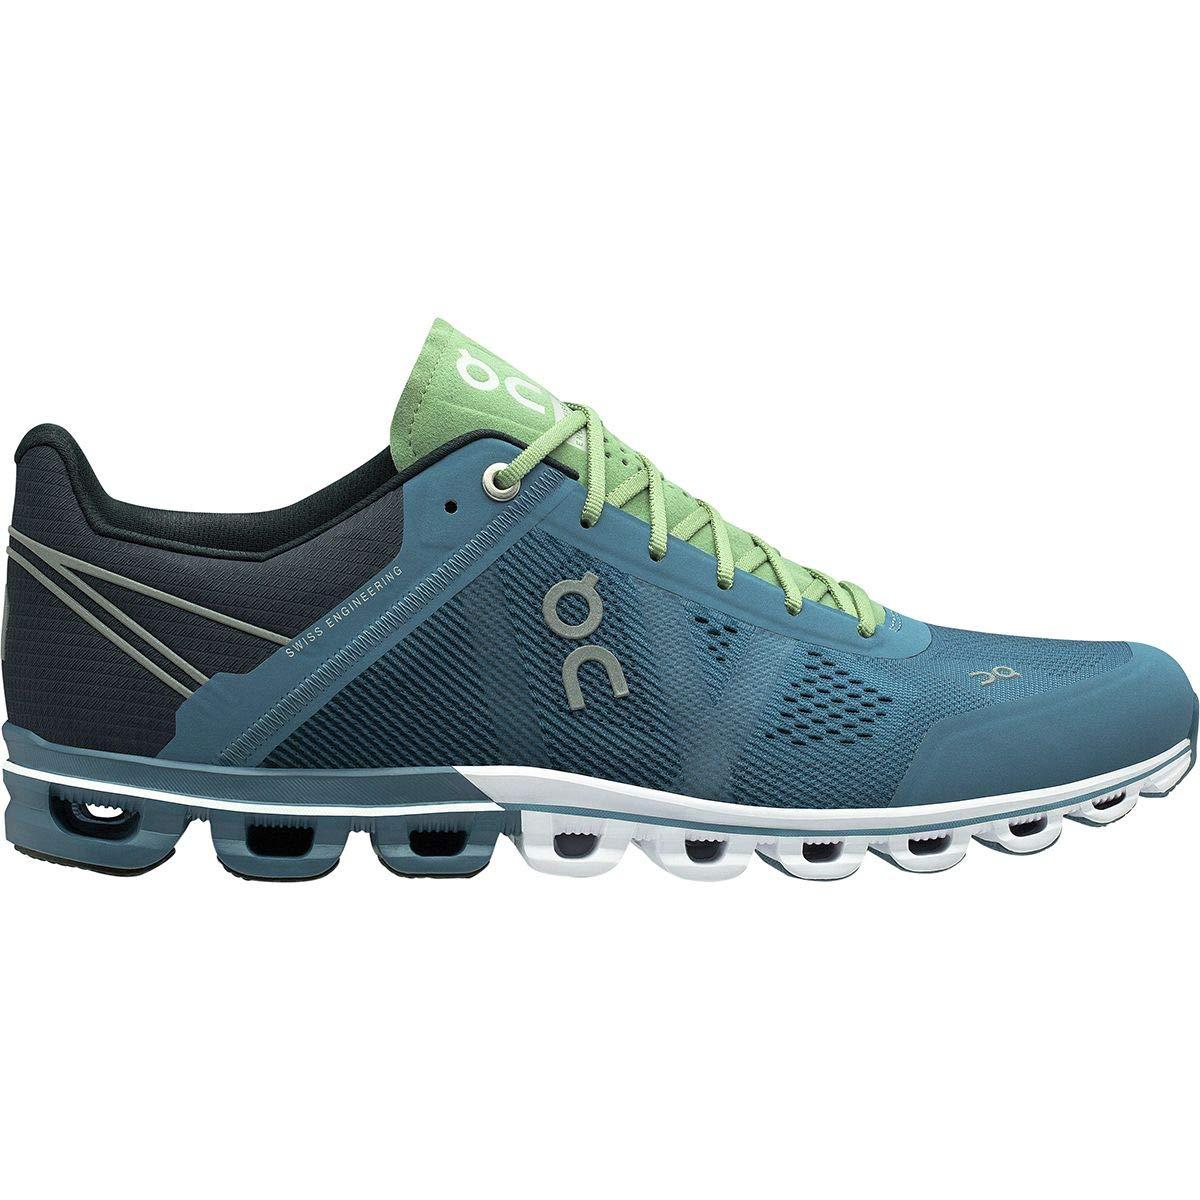 正規店仕入れの [オンフットウェア] Shoe メンズ ランニング Cloudflow Running Shoe Cloudflow [並行輸入品] [並行輸入品] B07MTBKHZB 9, ウイズユー:50986923 --- kiddyfox.in